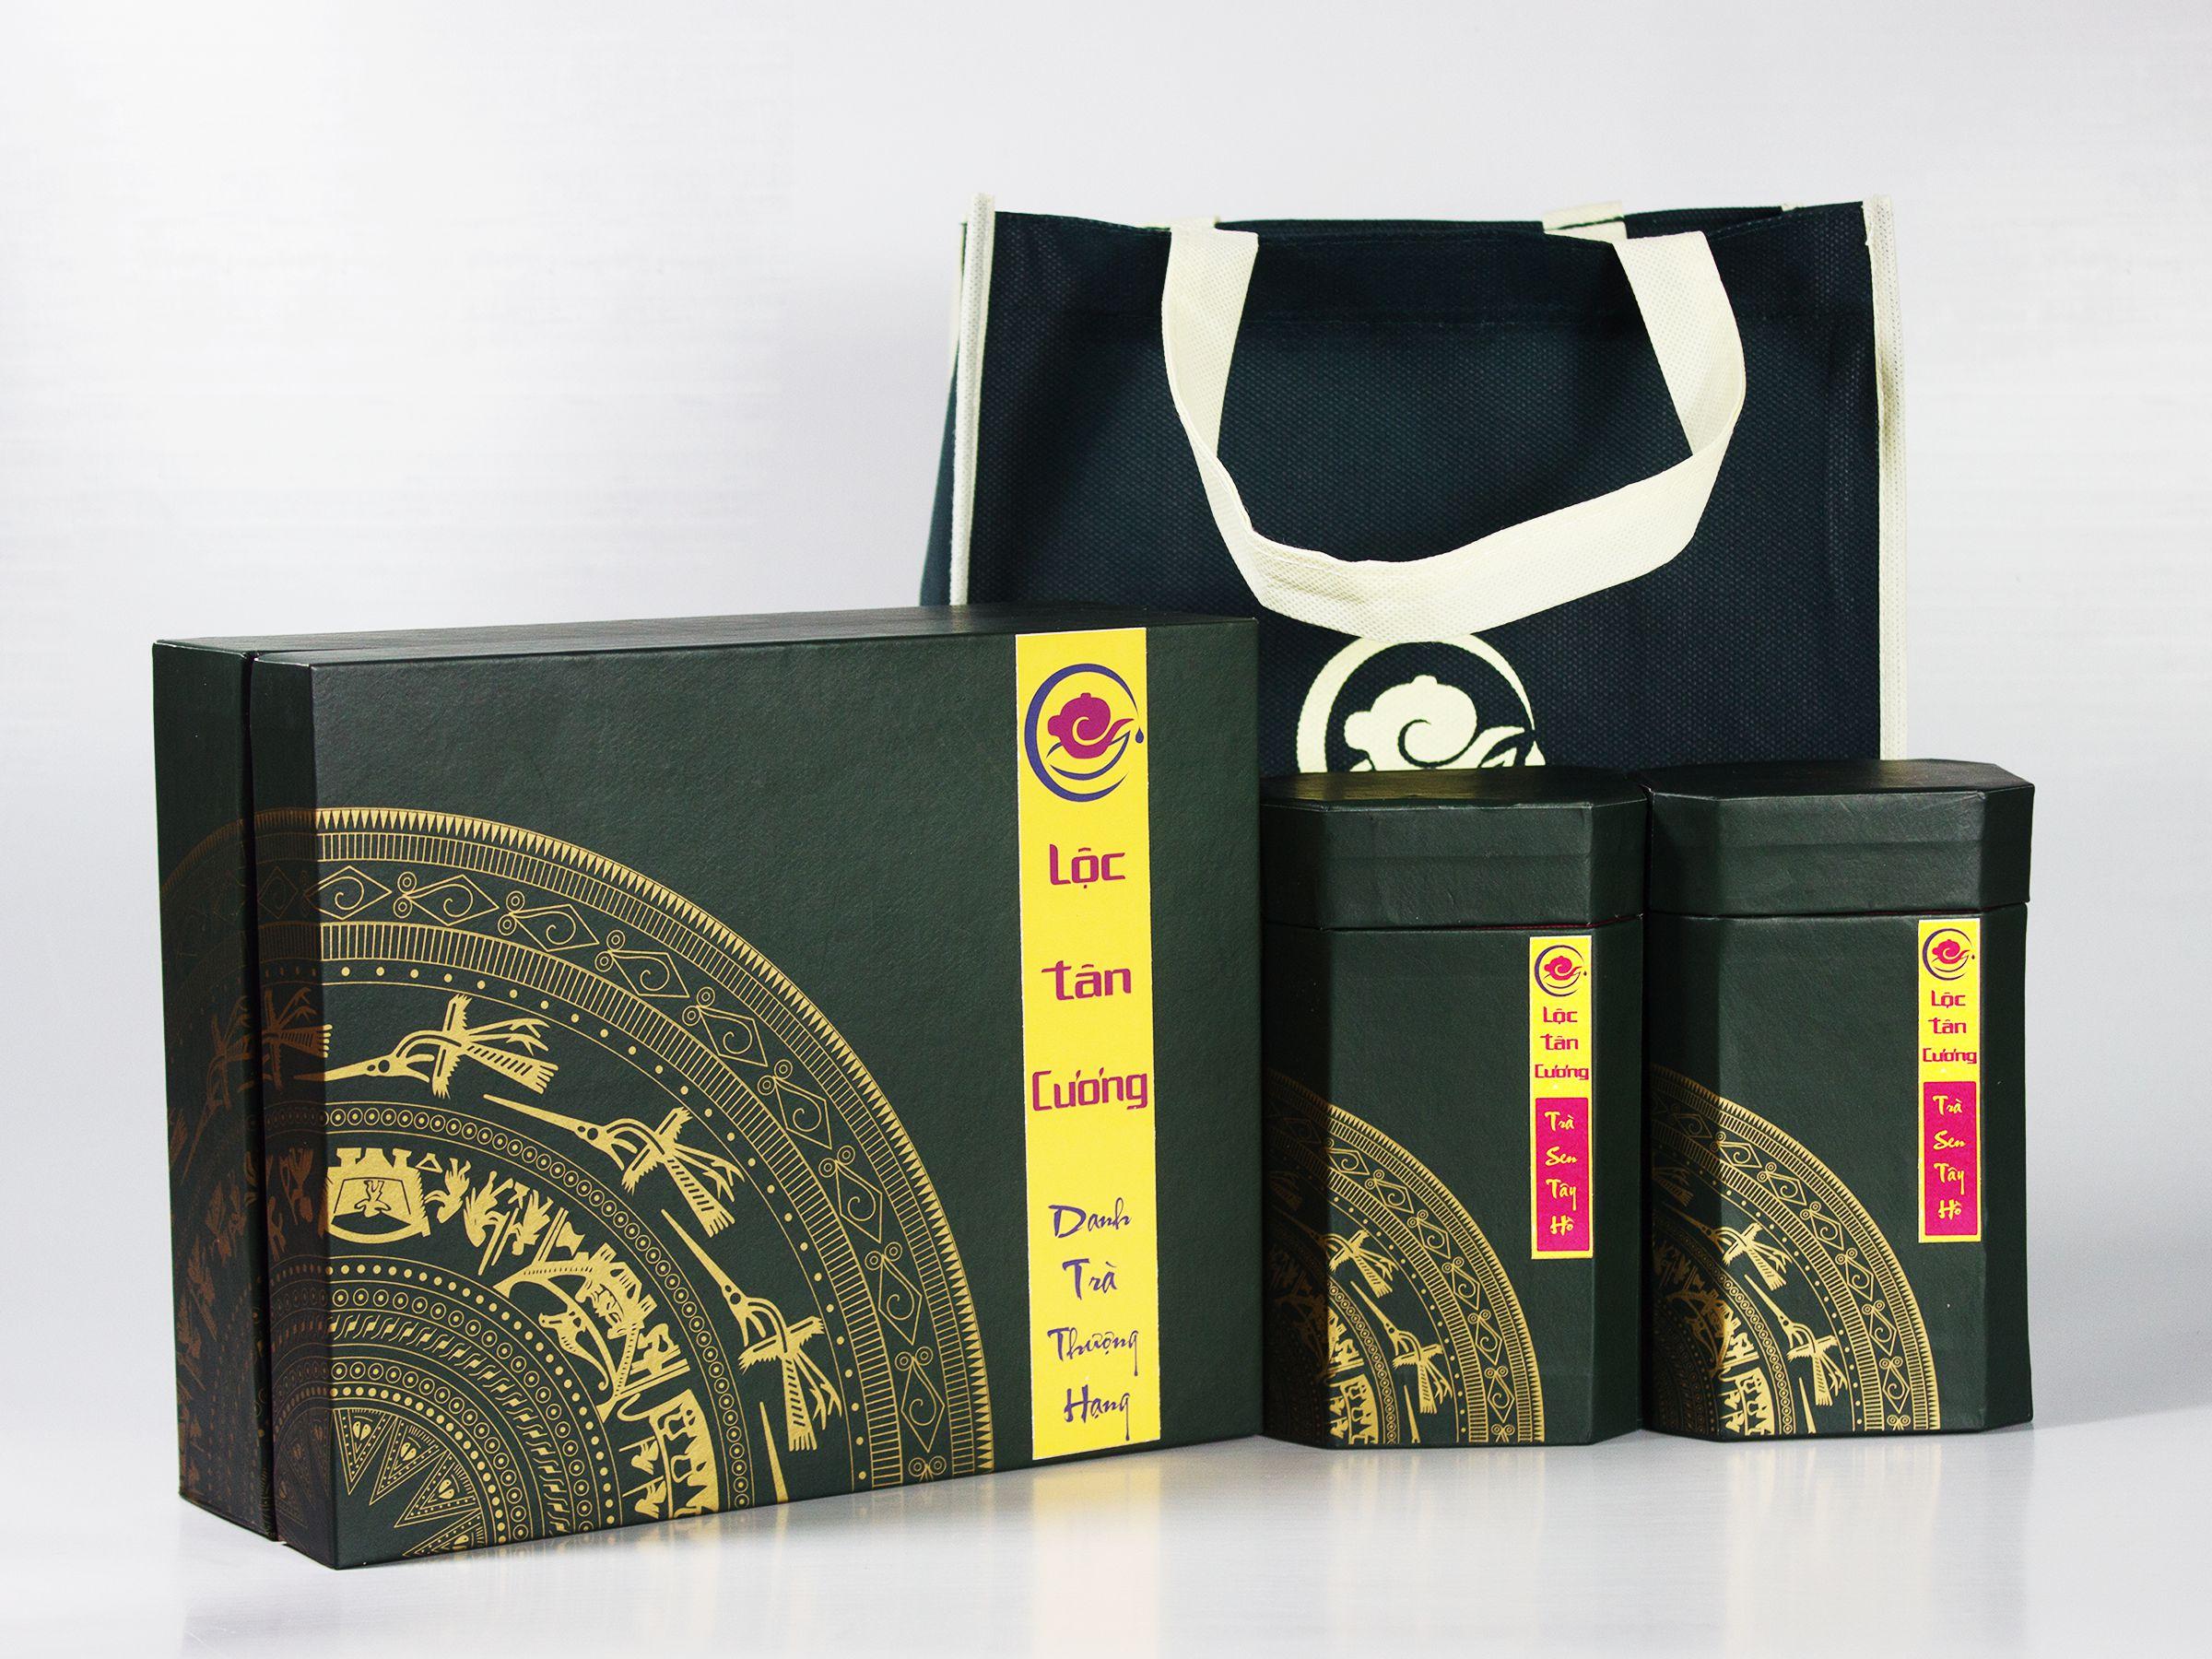 Bộ hộp quà tặng Trà Sen Tây Hồ cao cấp, sang trọng, tinh tế